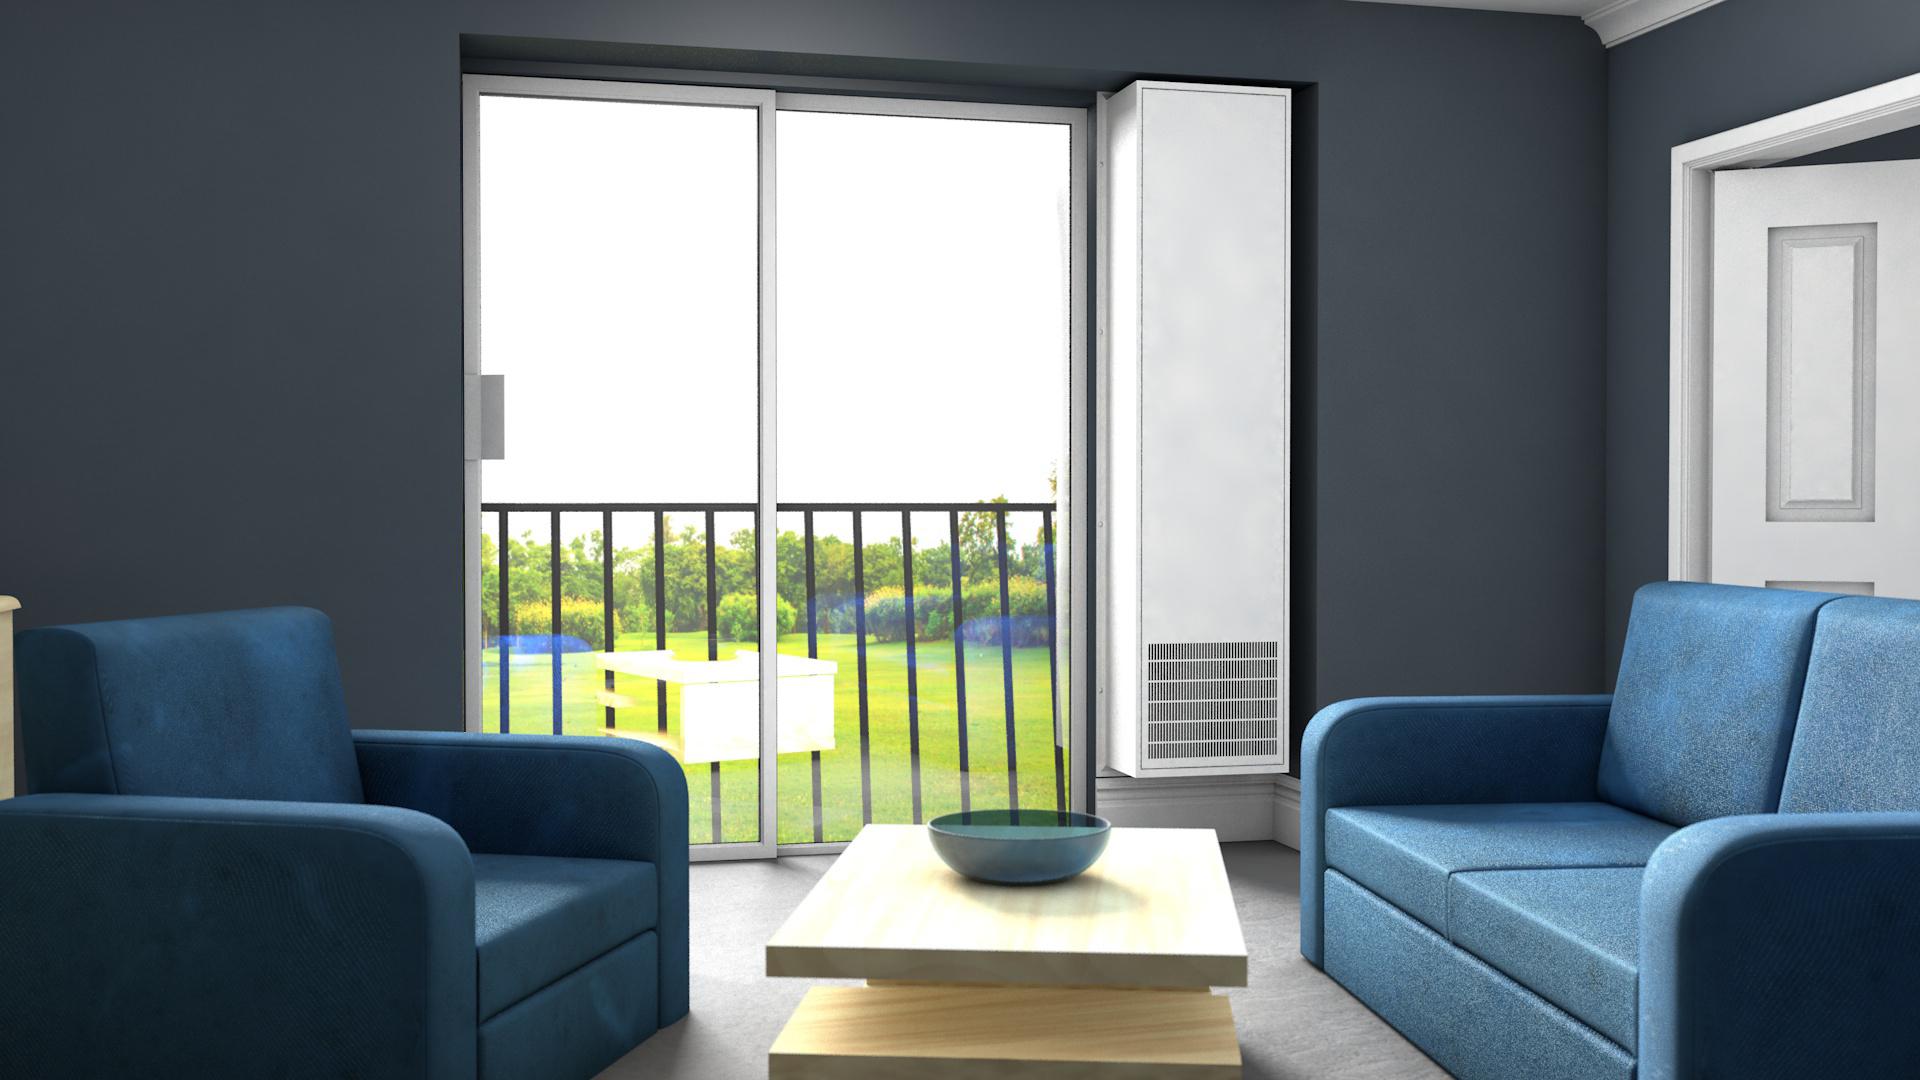 avo 01 2 - Residential ventilation units - AVO1